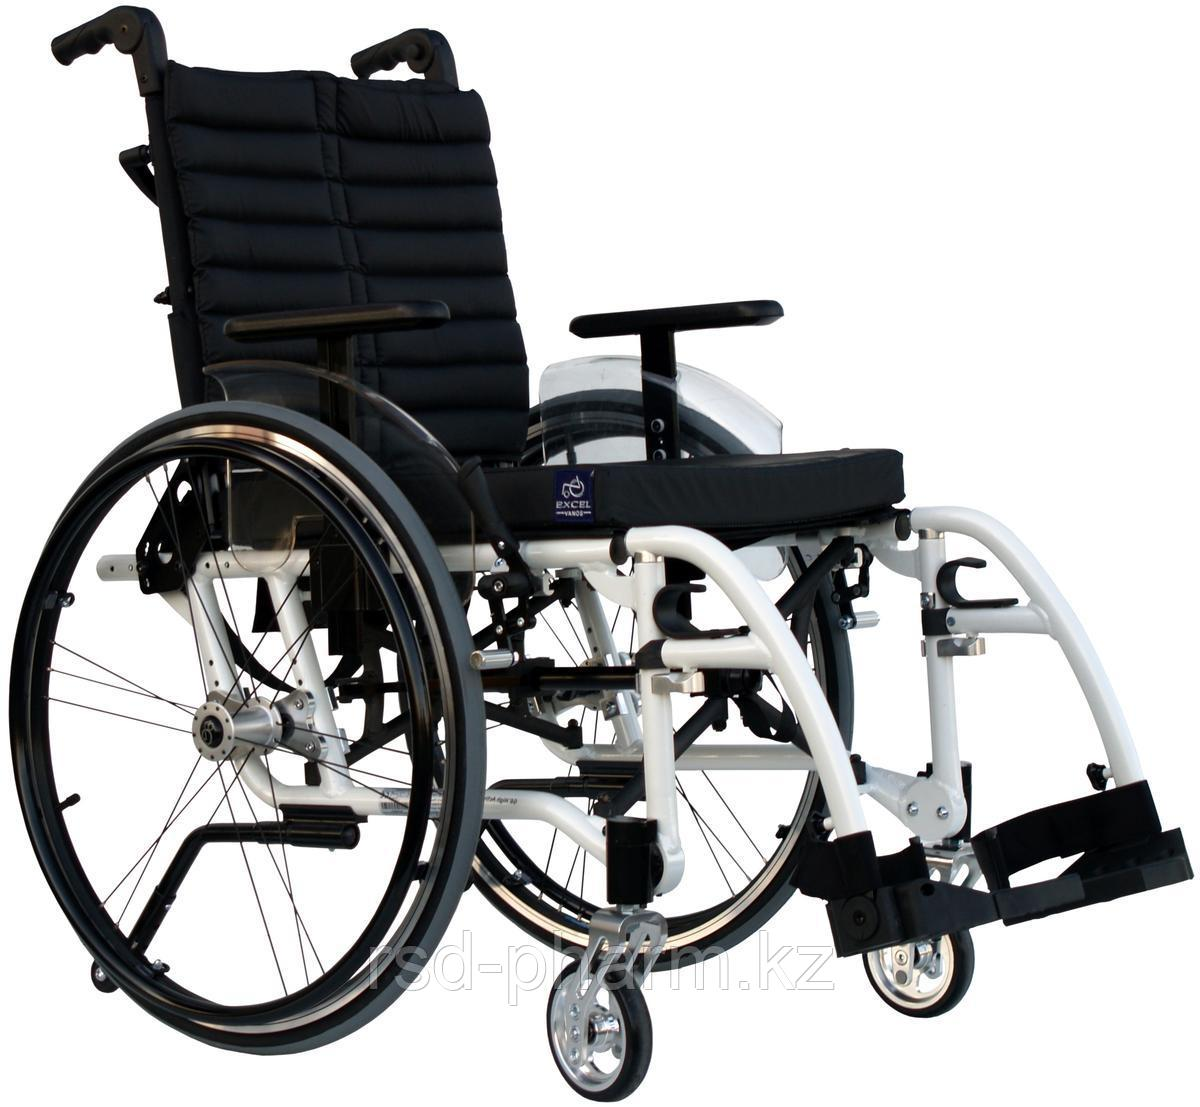 Кресло-коляска спортивная Excel G6 high active